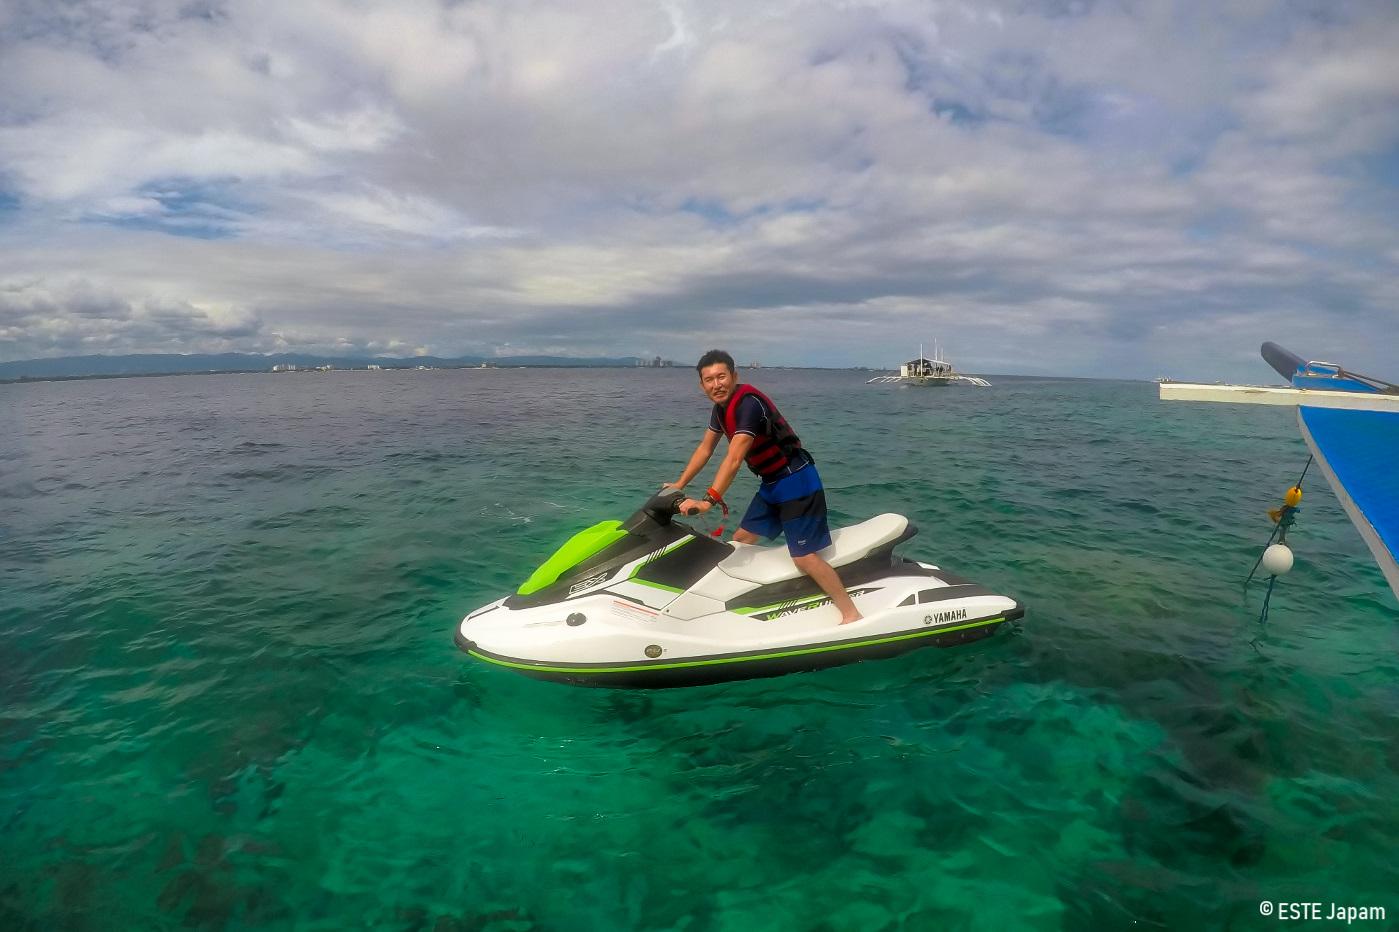 貸切ボートでジェットスキーをする男性